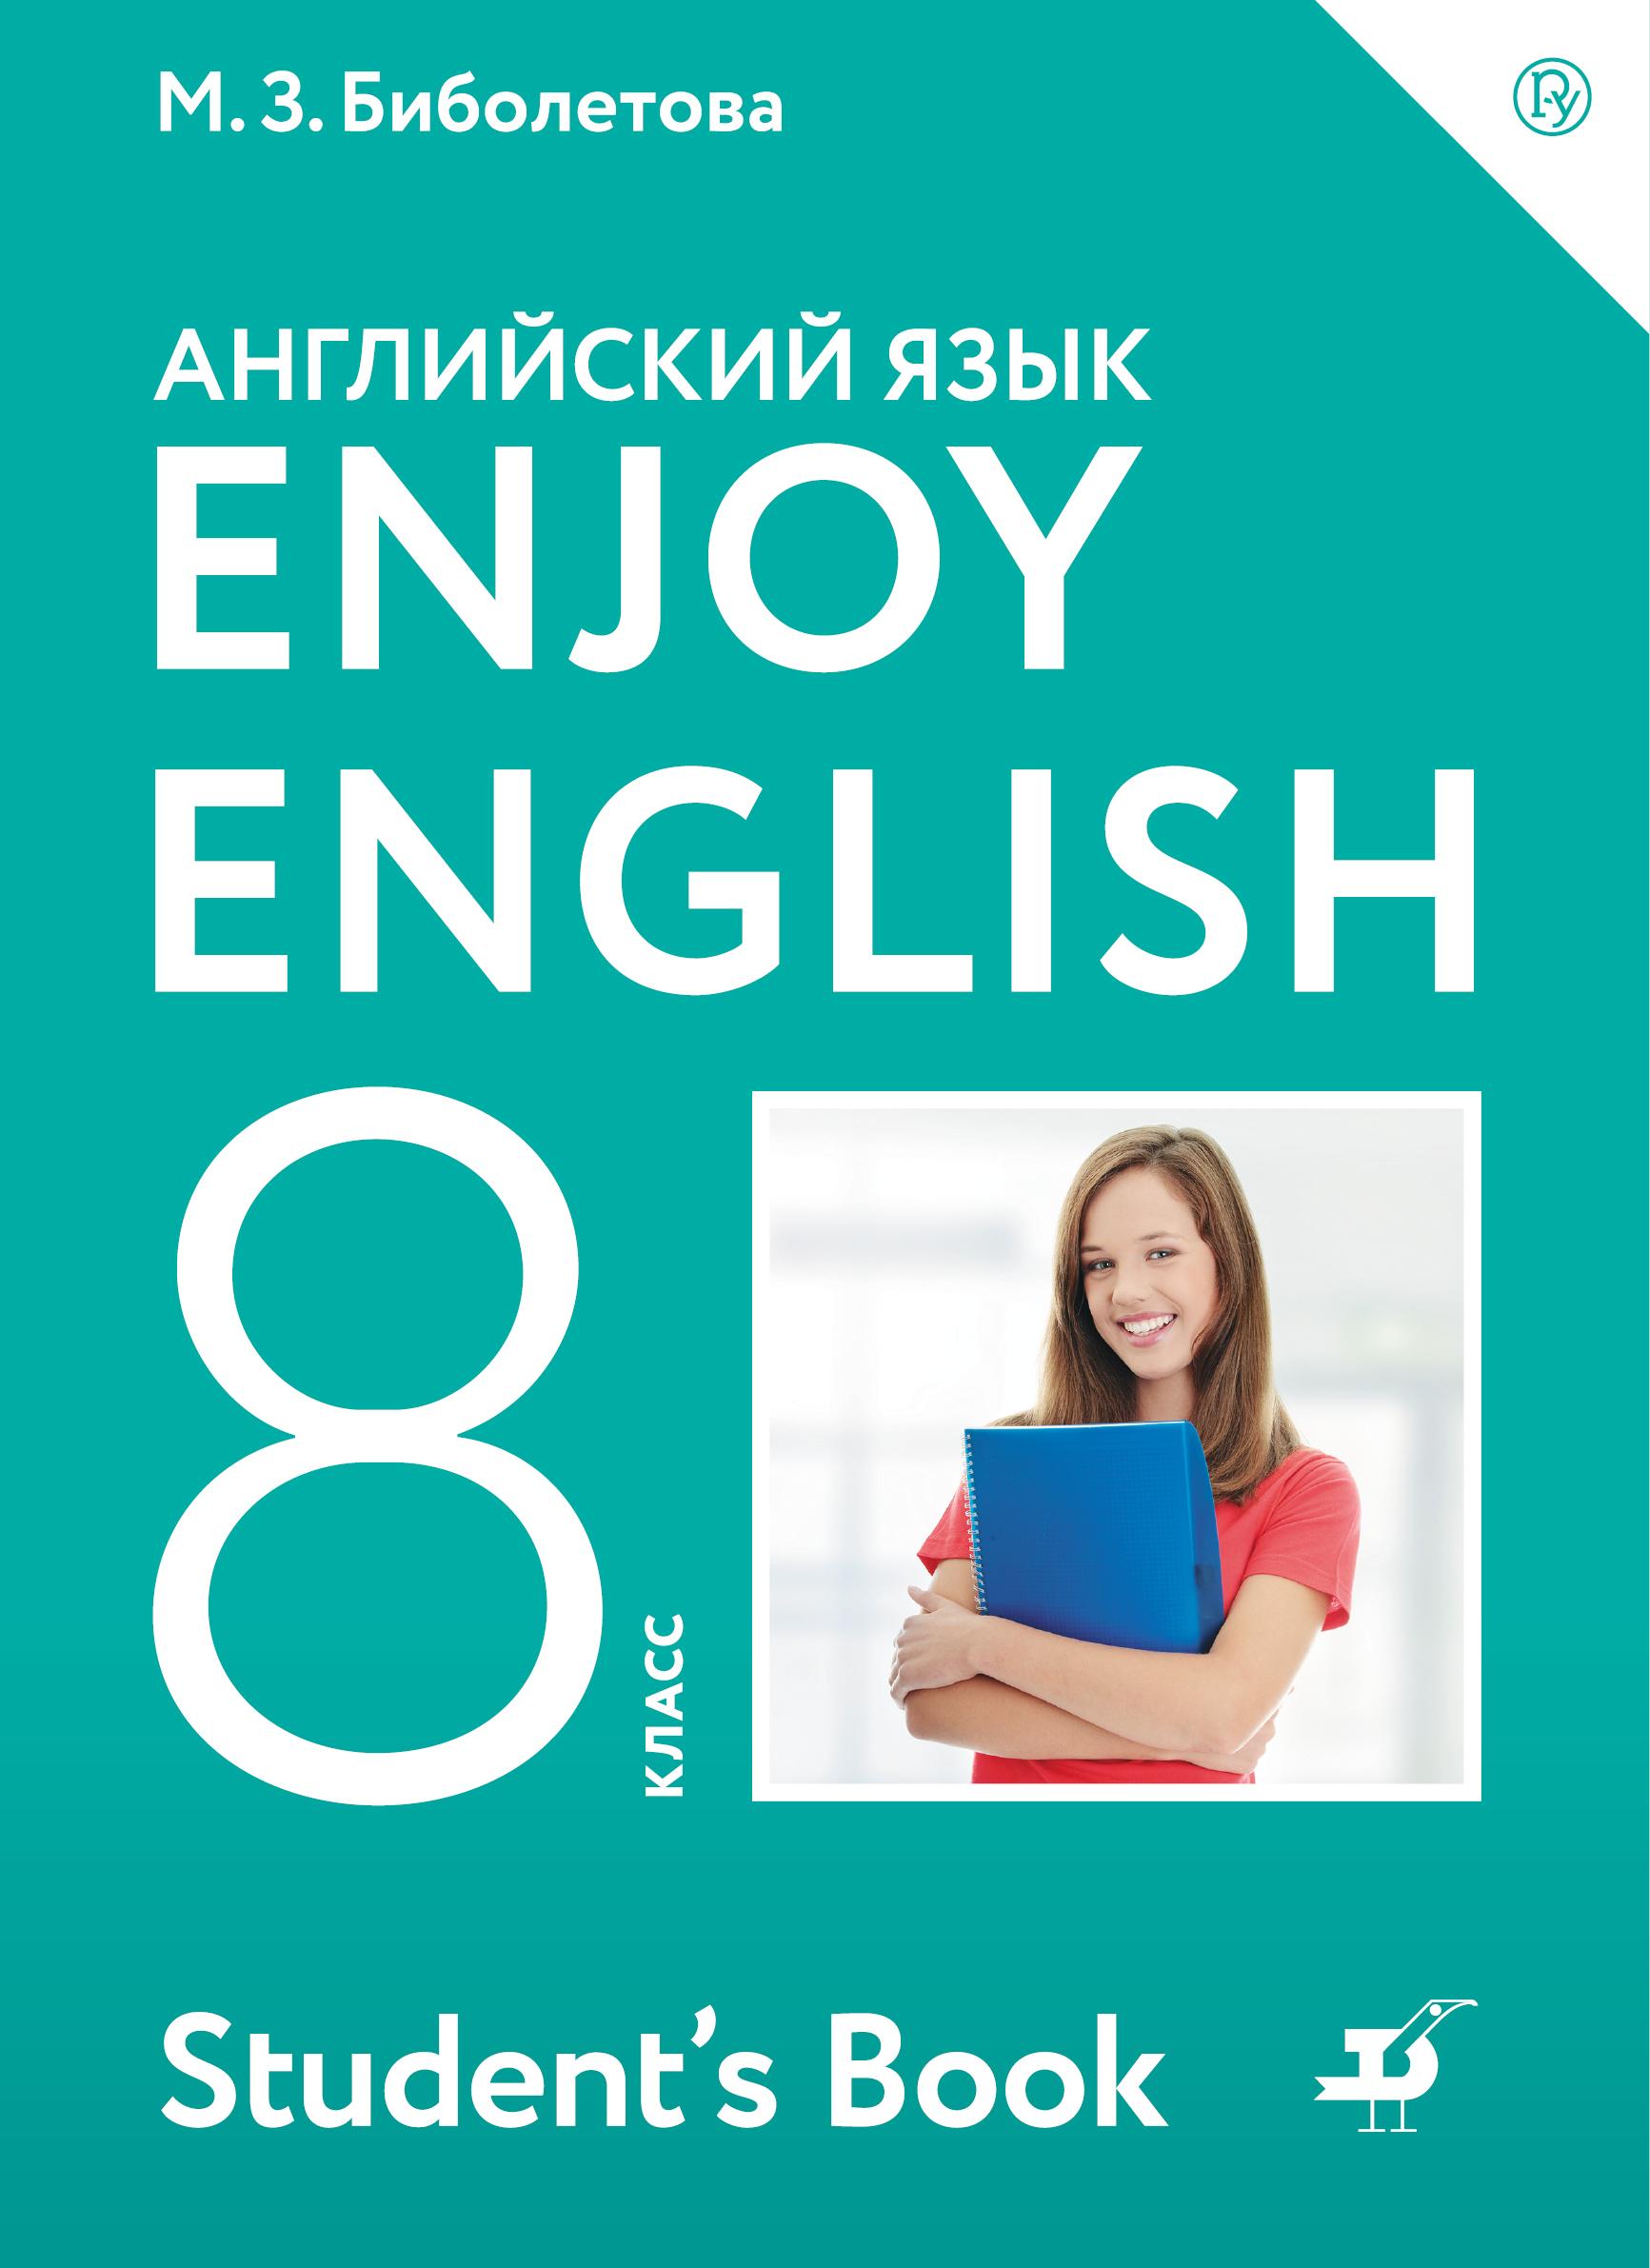 Гдз по английскому языку 8 класс биболетова онлайн 2018 года